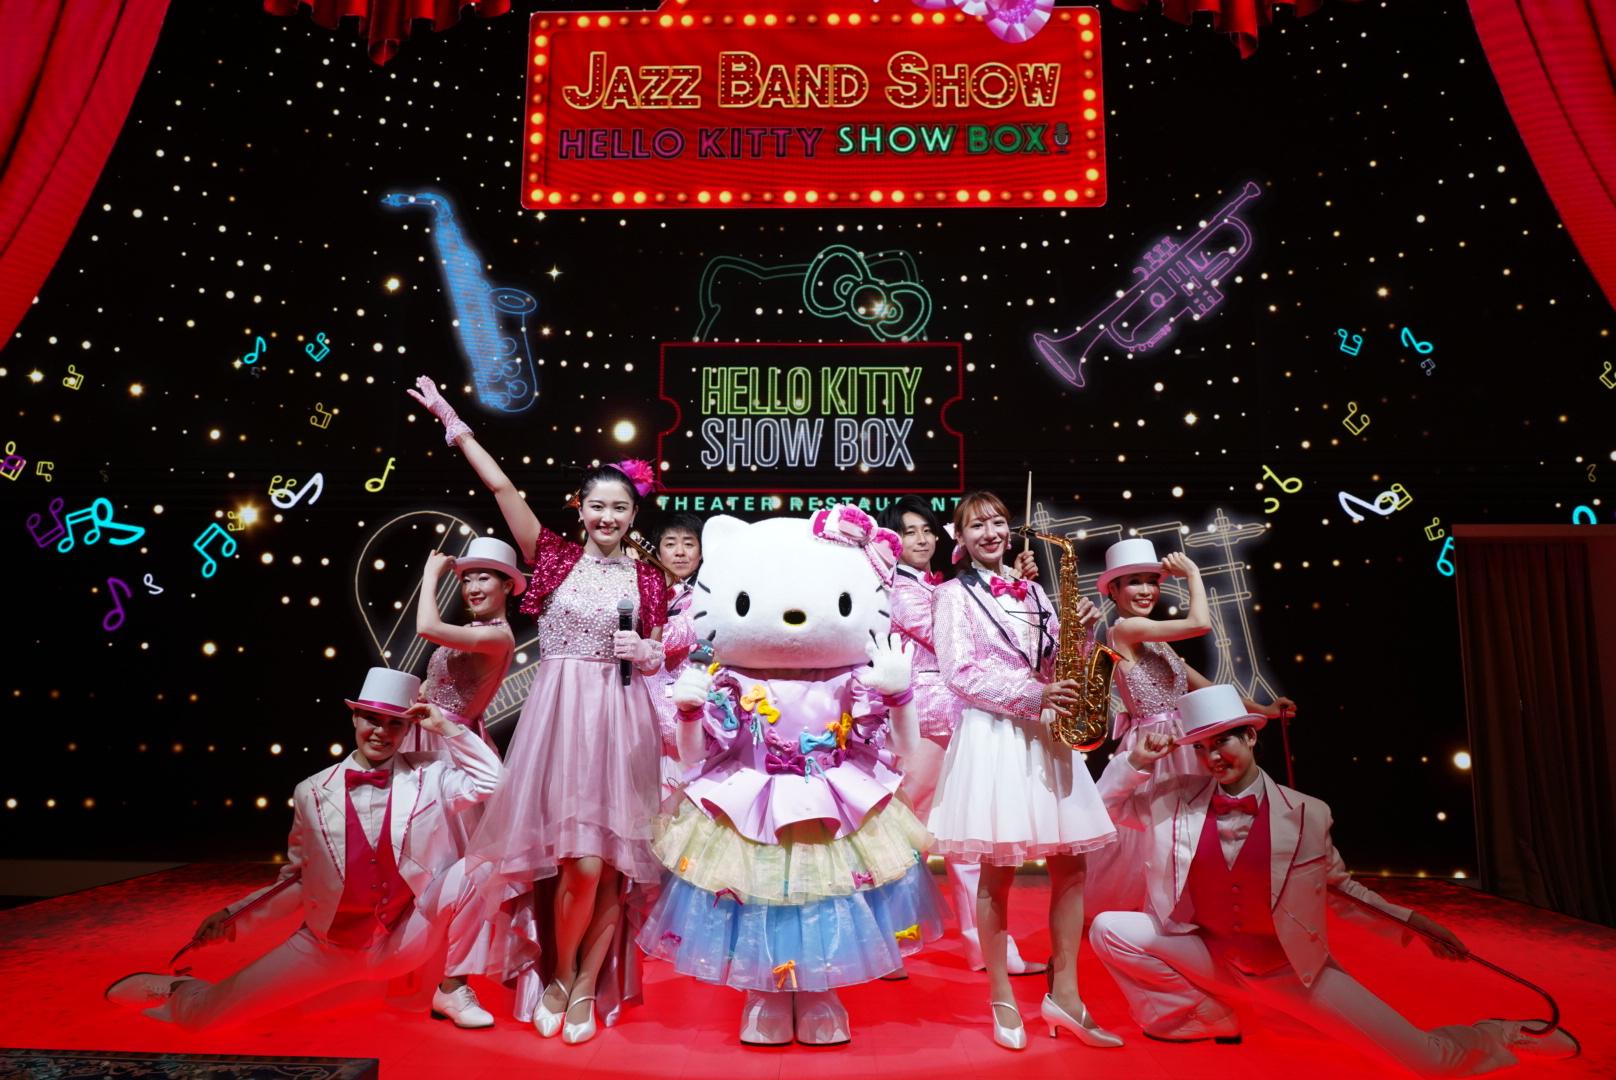 新公演 HELLO KITTY JAZZ BAND デビューライブ!「HELLO KITTY SHOW BOX」